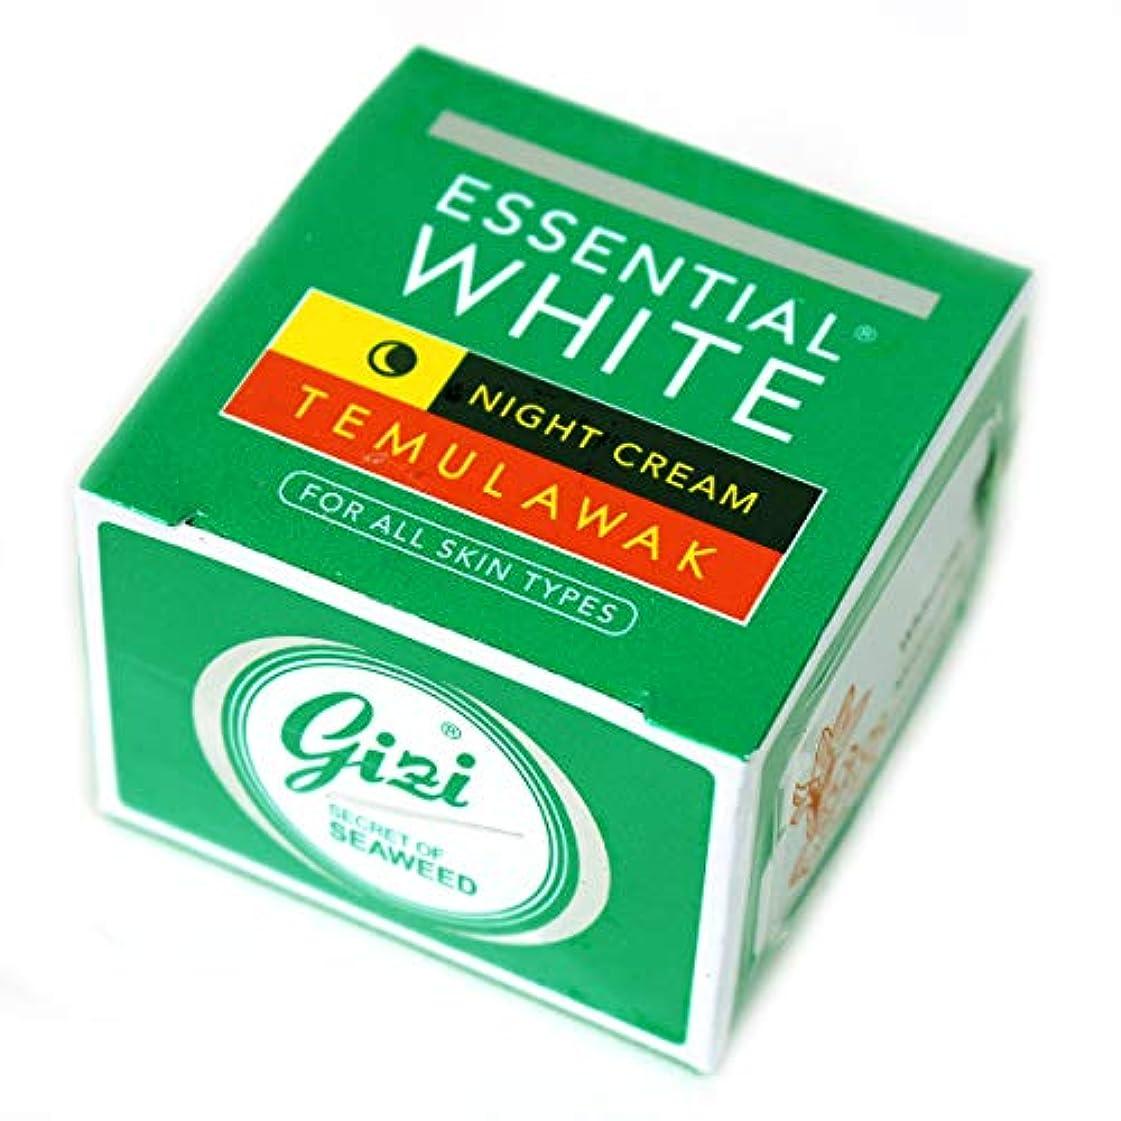 全くテニスキャリアギジ gizi Essential White ナイト用スキンケアクリーム ボトルタイプ 9g テムラワク ウコン など天然成分配合 [海外直送品]